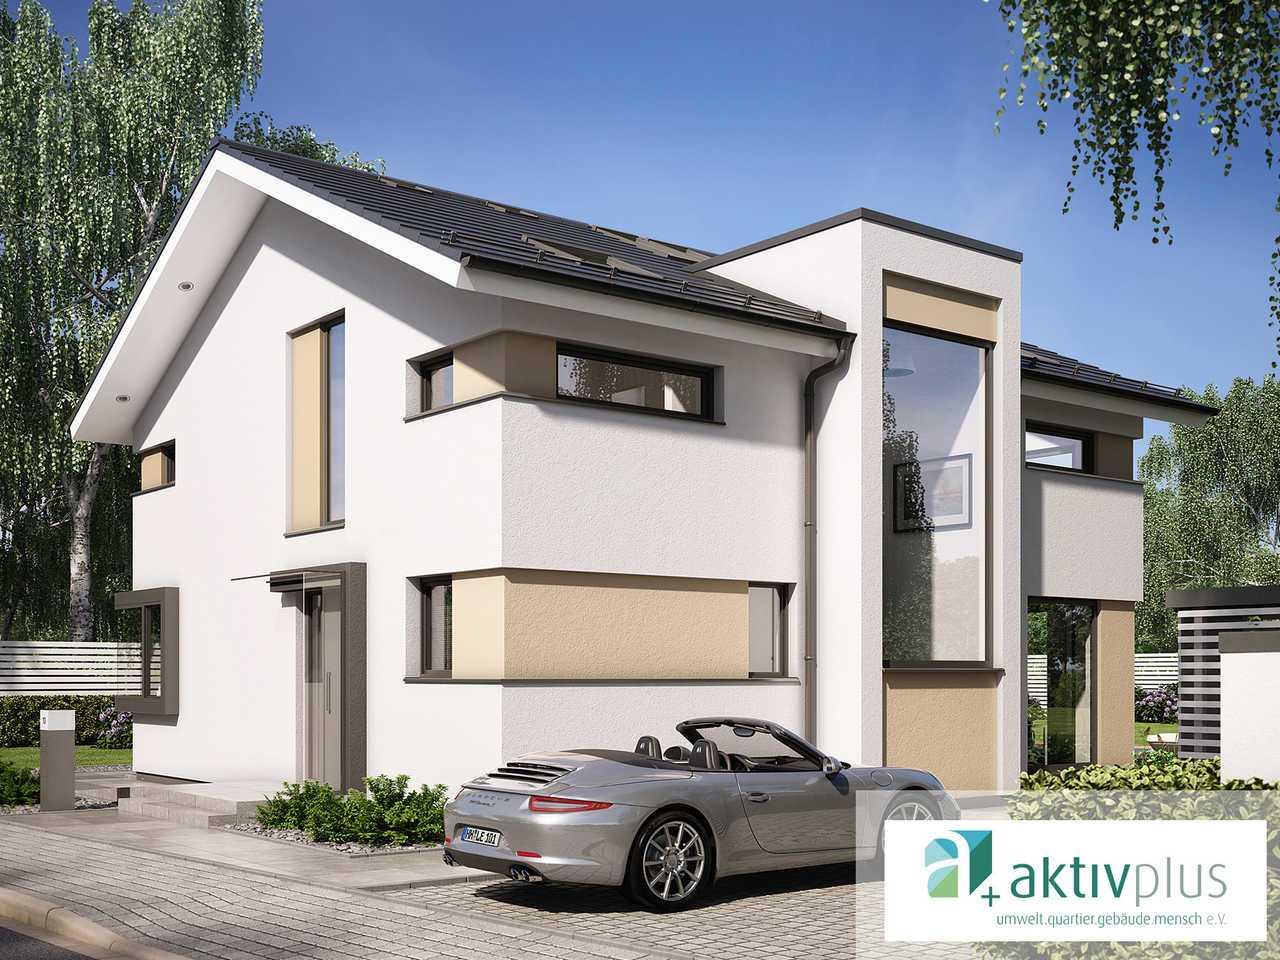 Evolution Stuttgart Außenansicht 2 - Einfamilienhaus